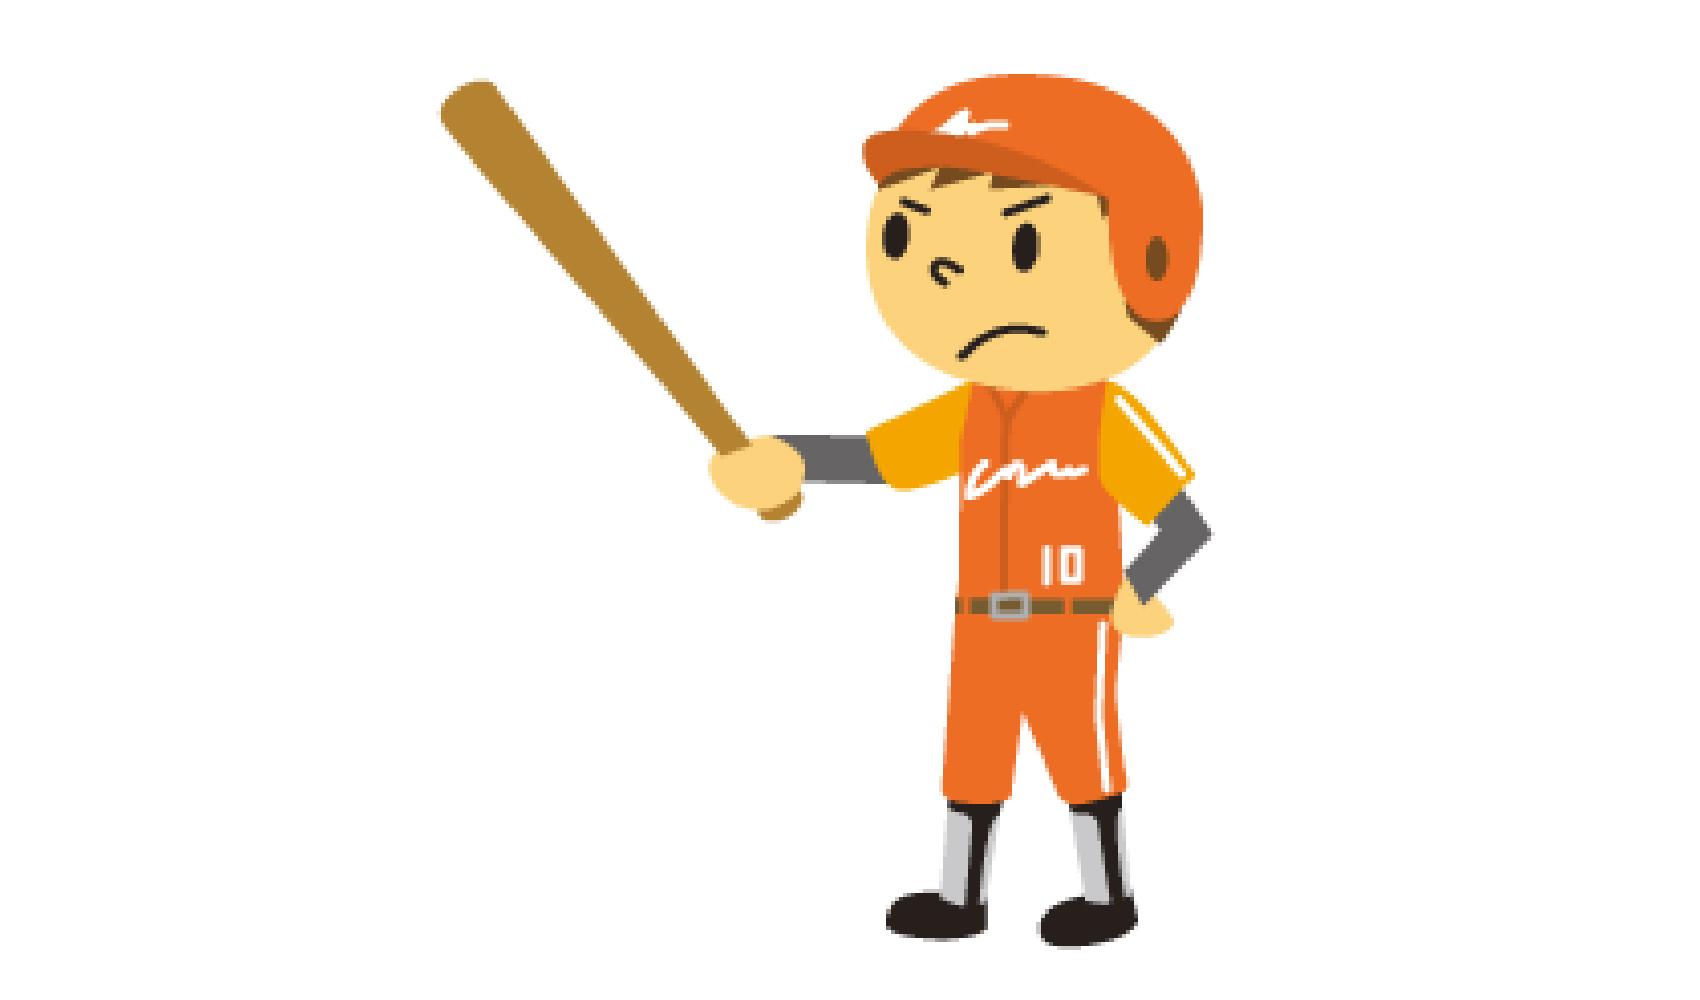 プロ野球選手